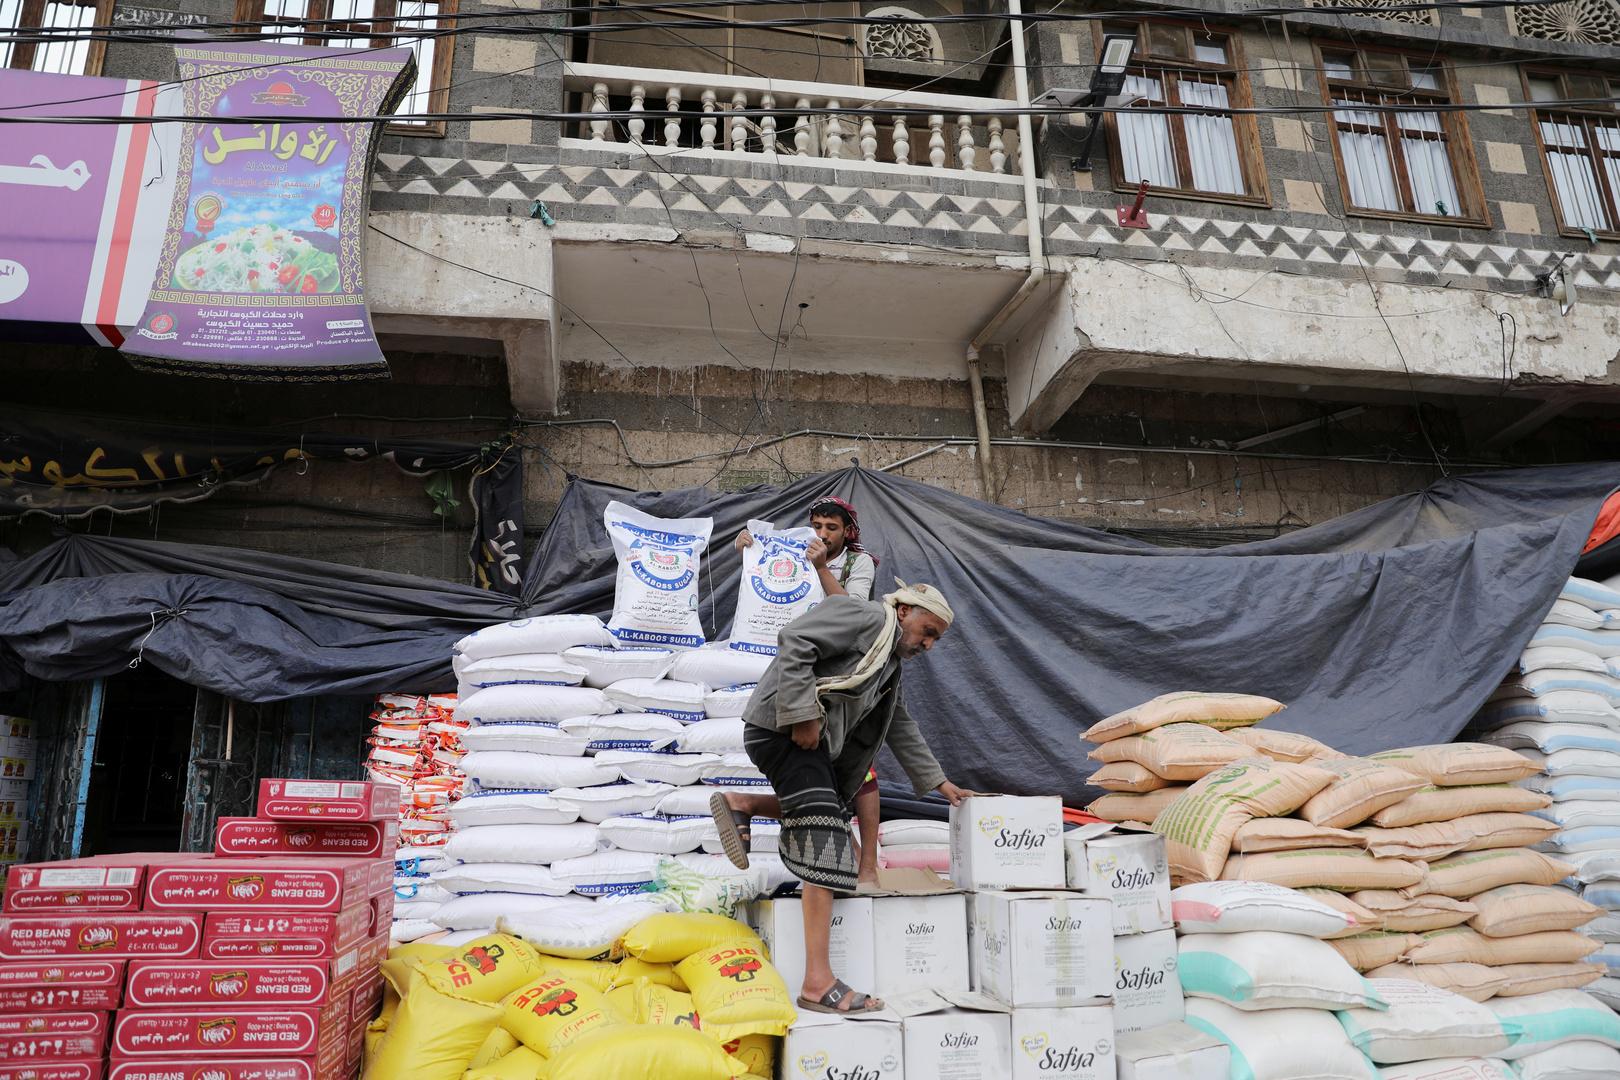 السعودية تقدم 60 مليون دولار لبرنامج الأغذية العالمي من أجل مساعدة اليمن